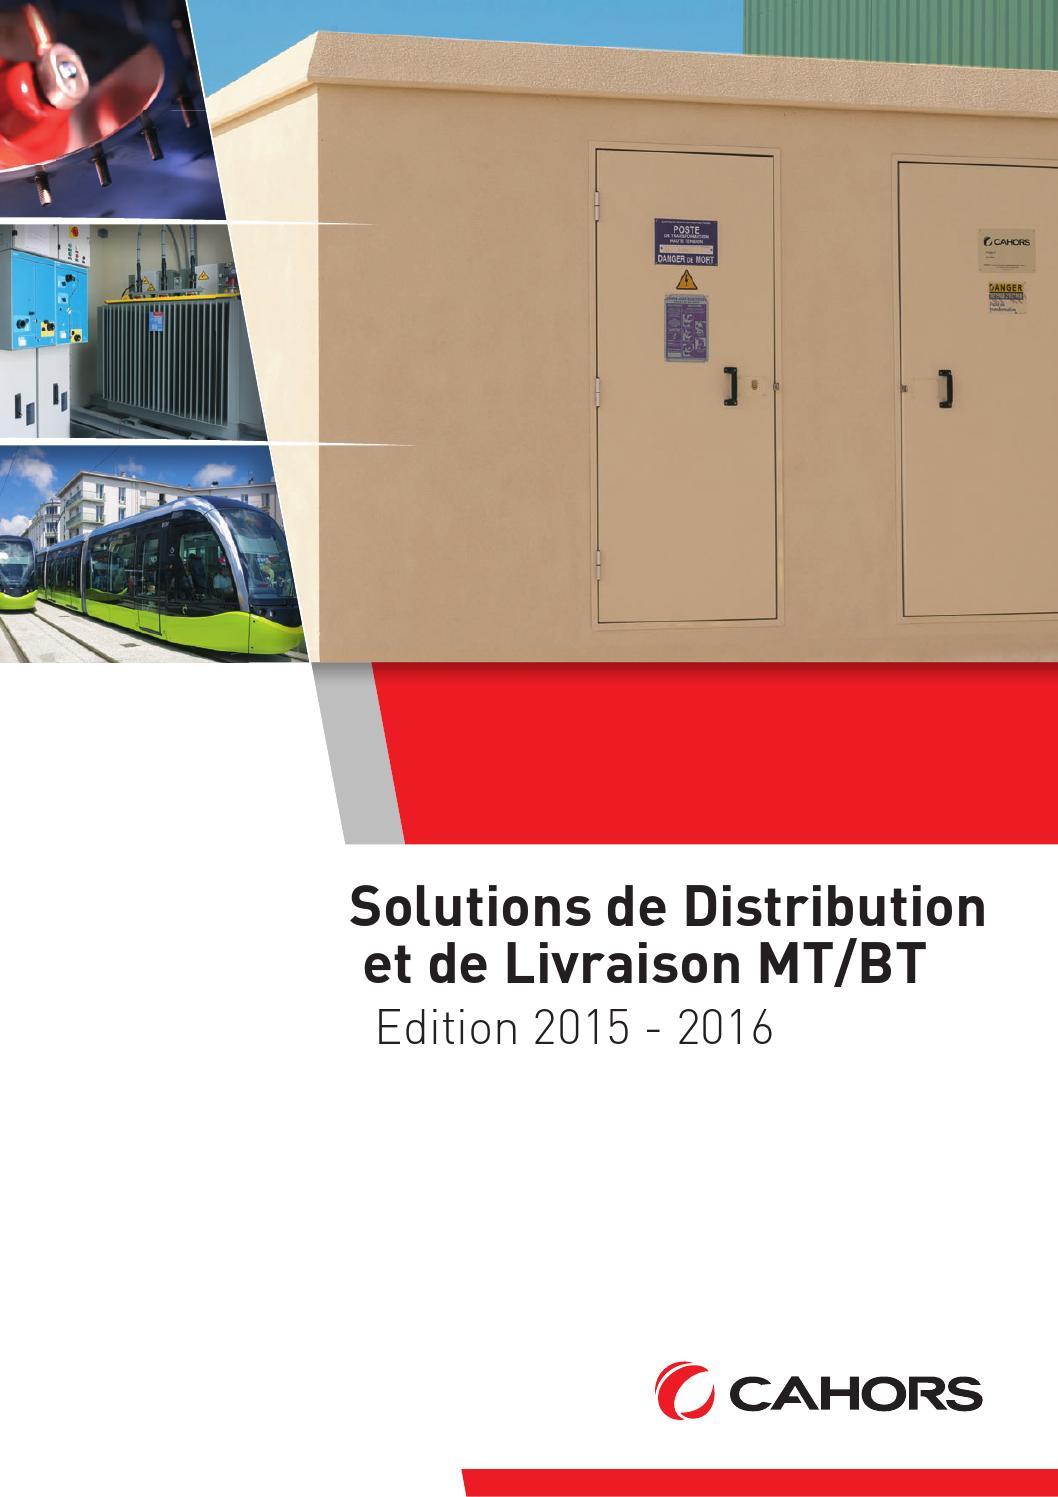 Solutions De Distribution Et De Livraison MTBT FR By